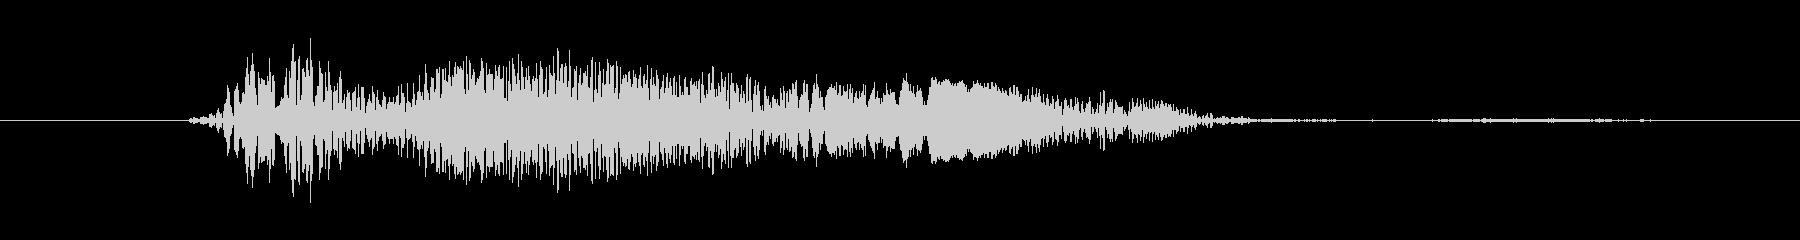 犬 鳴き声03の未再生の波形